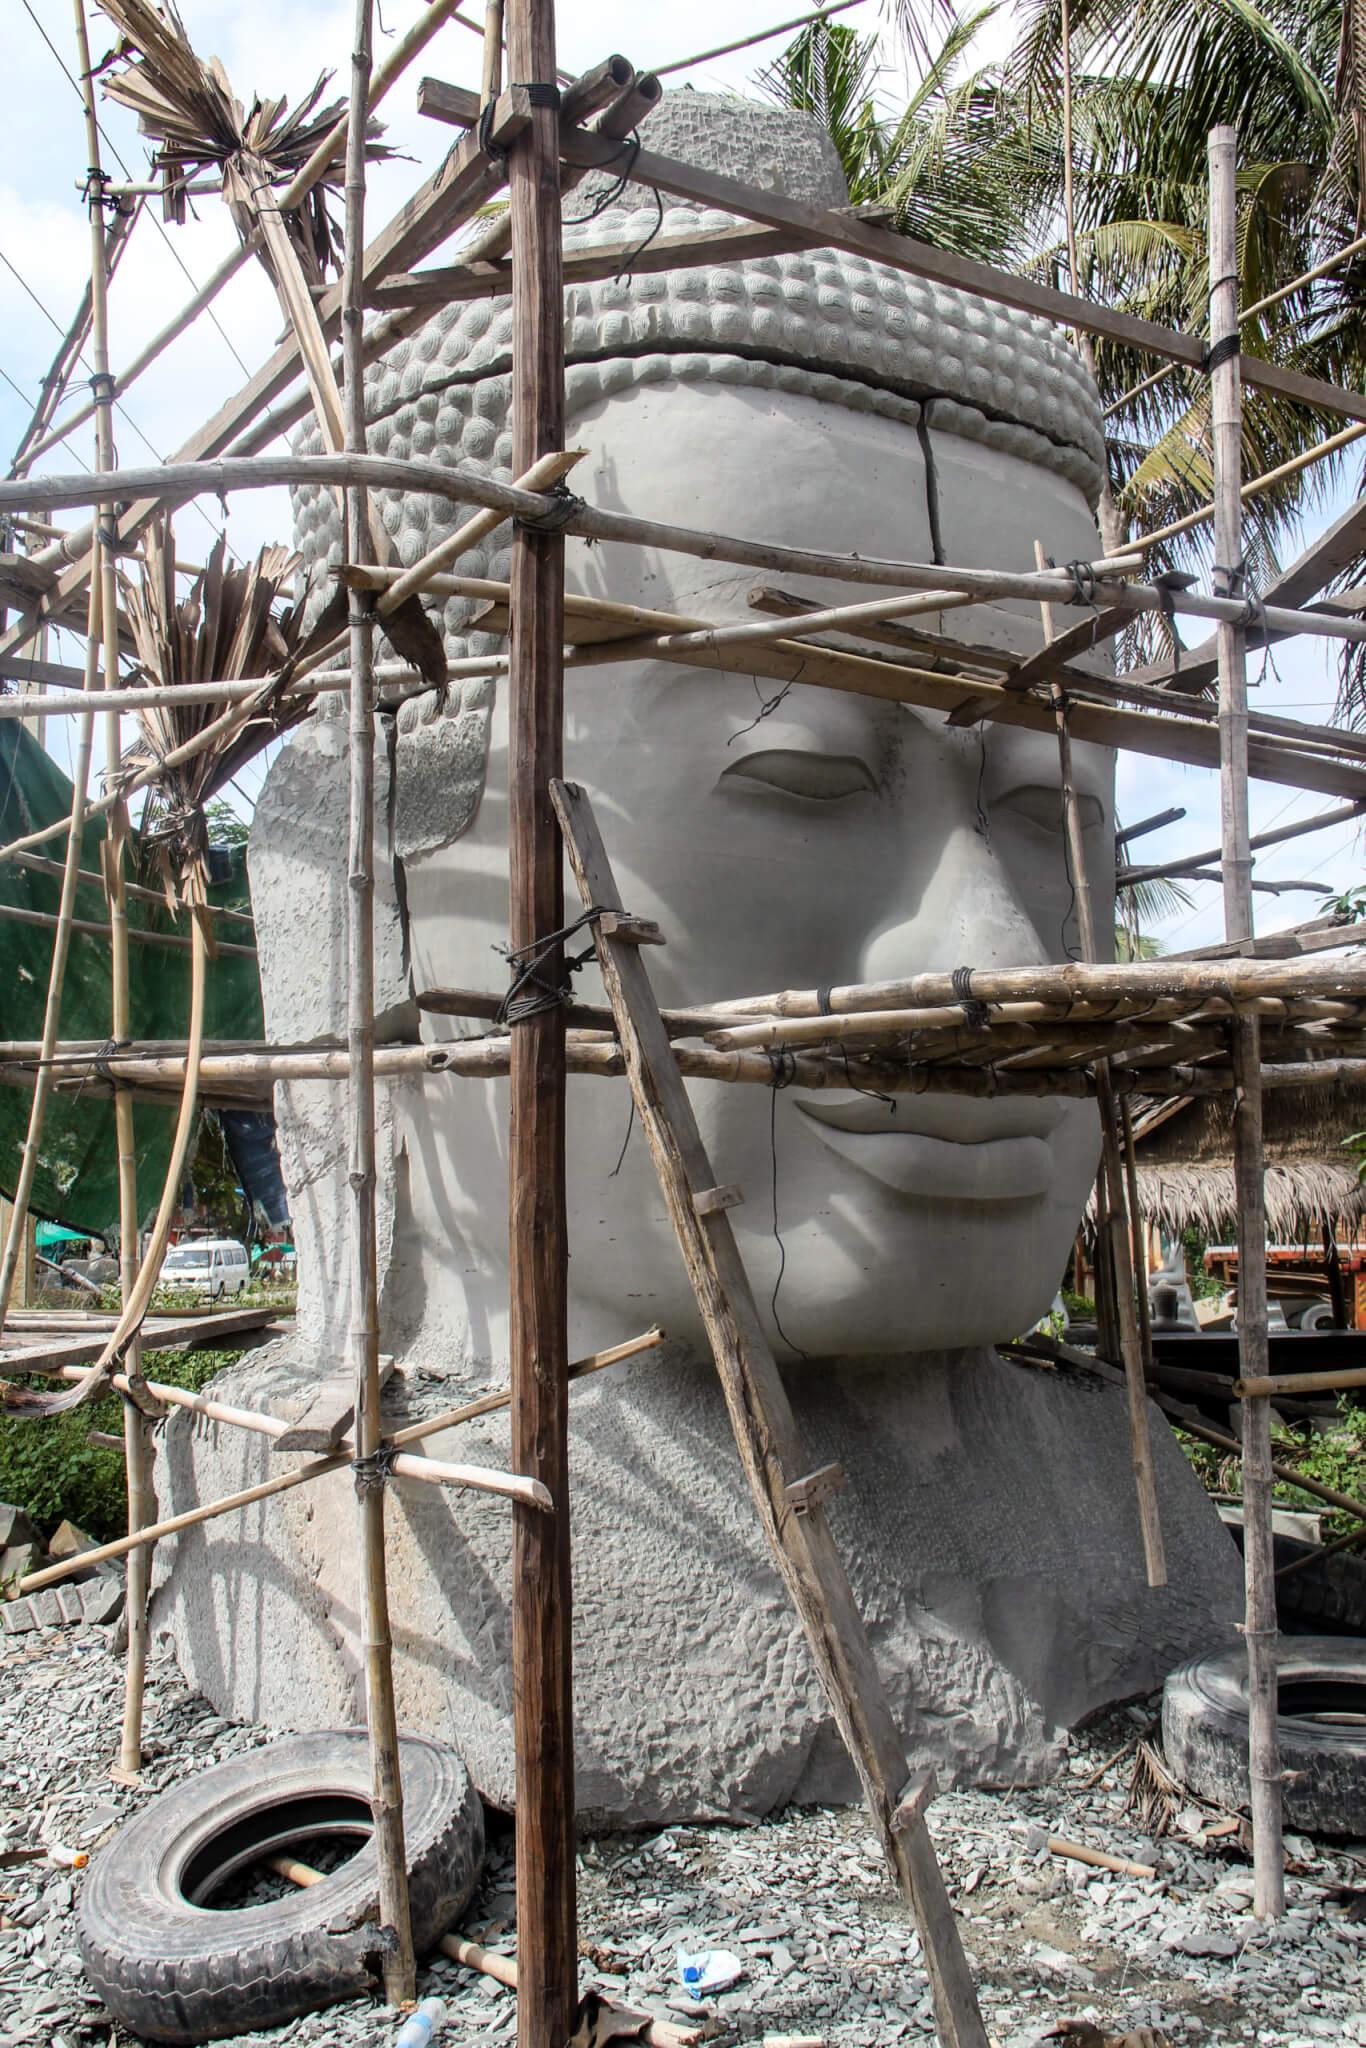 Bayon Kopf in der Werkstatt eines Bildhauers in Kambodscha, eingerüstet